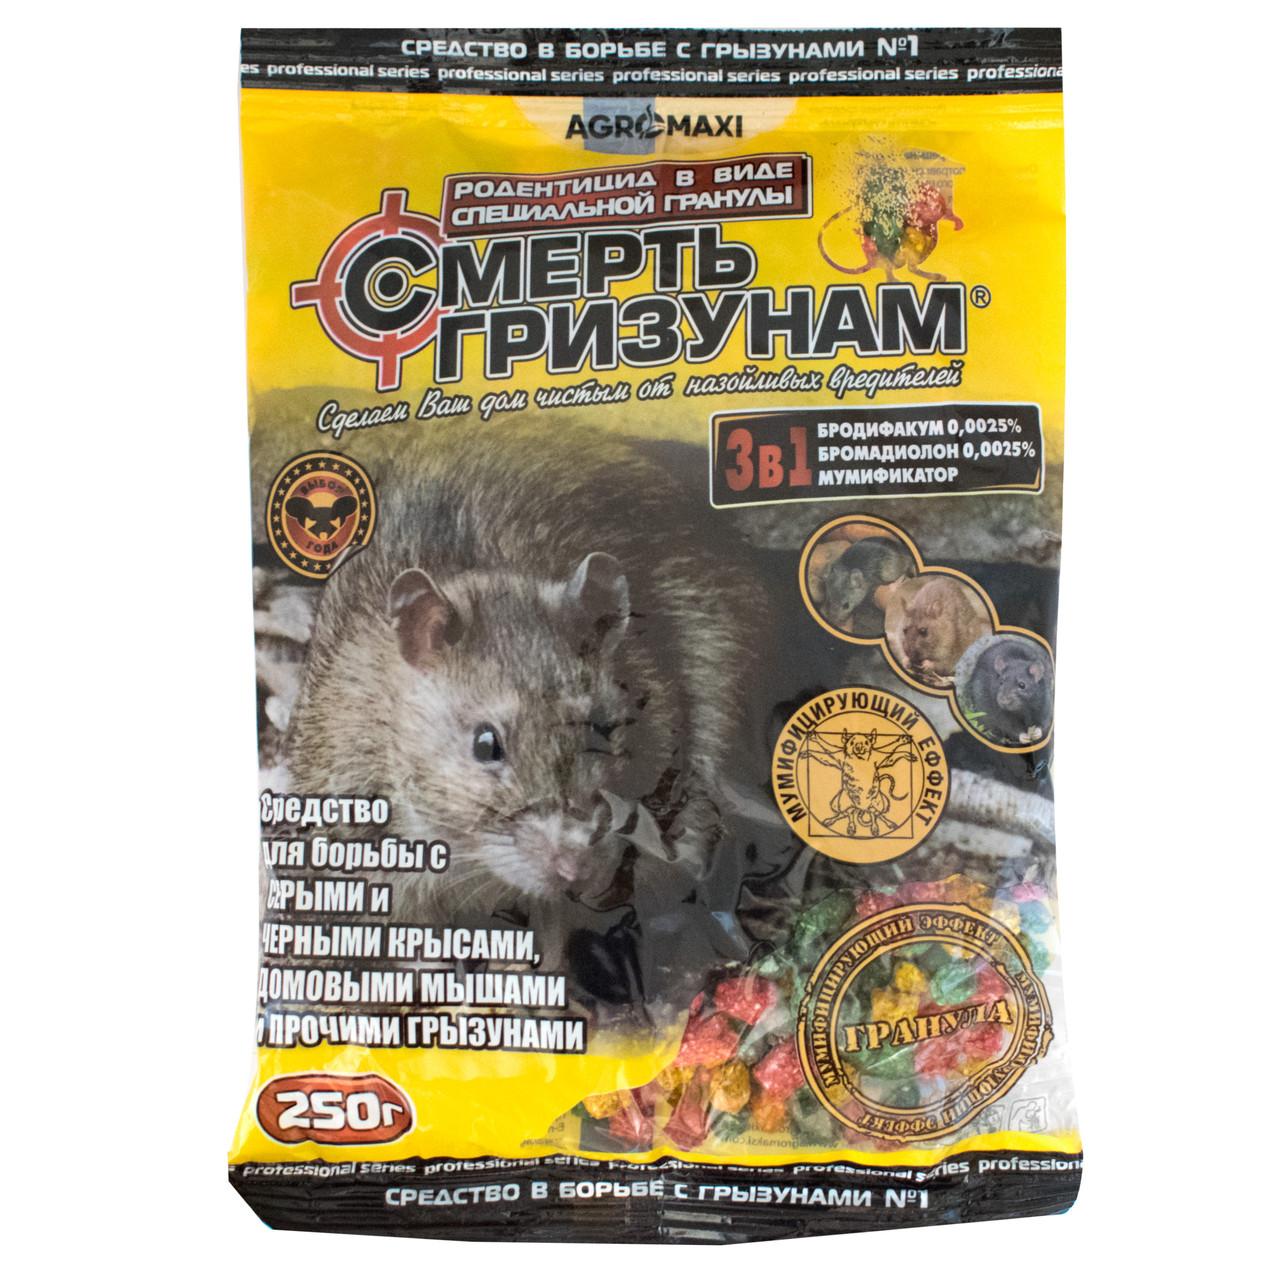 Гранулы от крыс и мышей Смерть грызунам микс 250 г